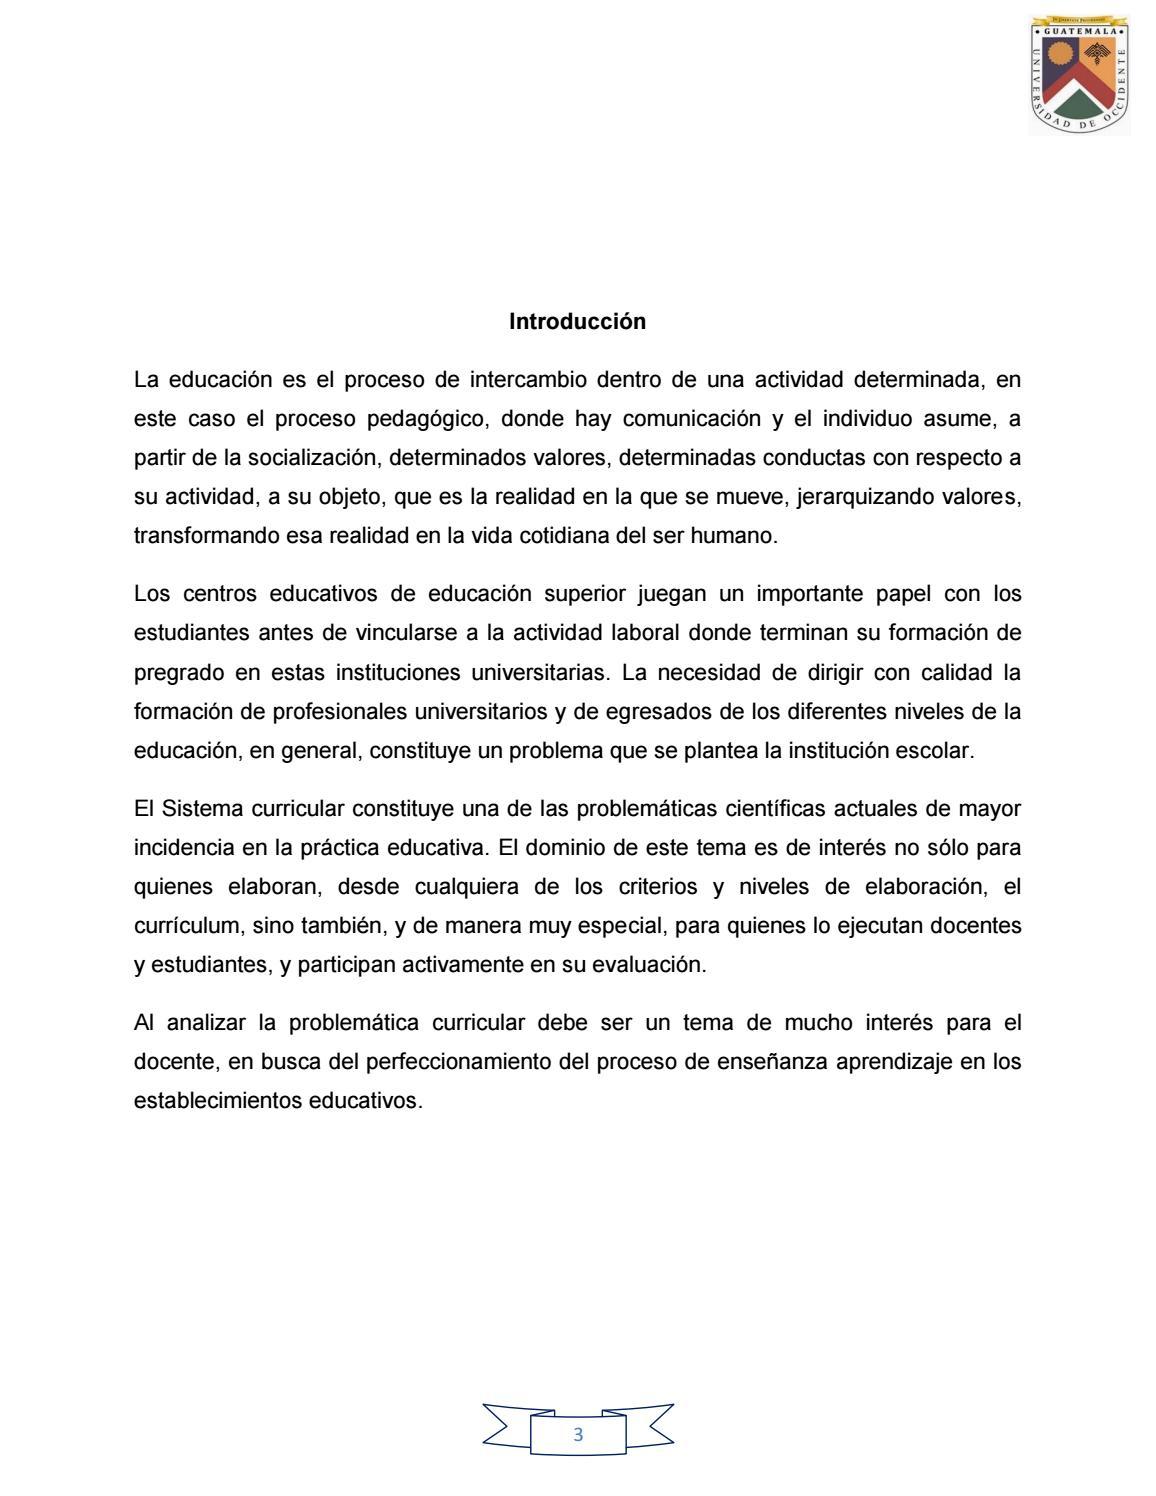 Vistoso Curriculum Vitae Para Estudiantes Universitarios Que Buscan ...